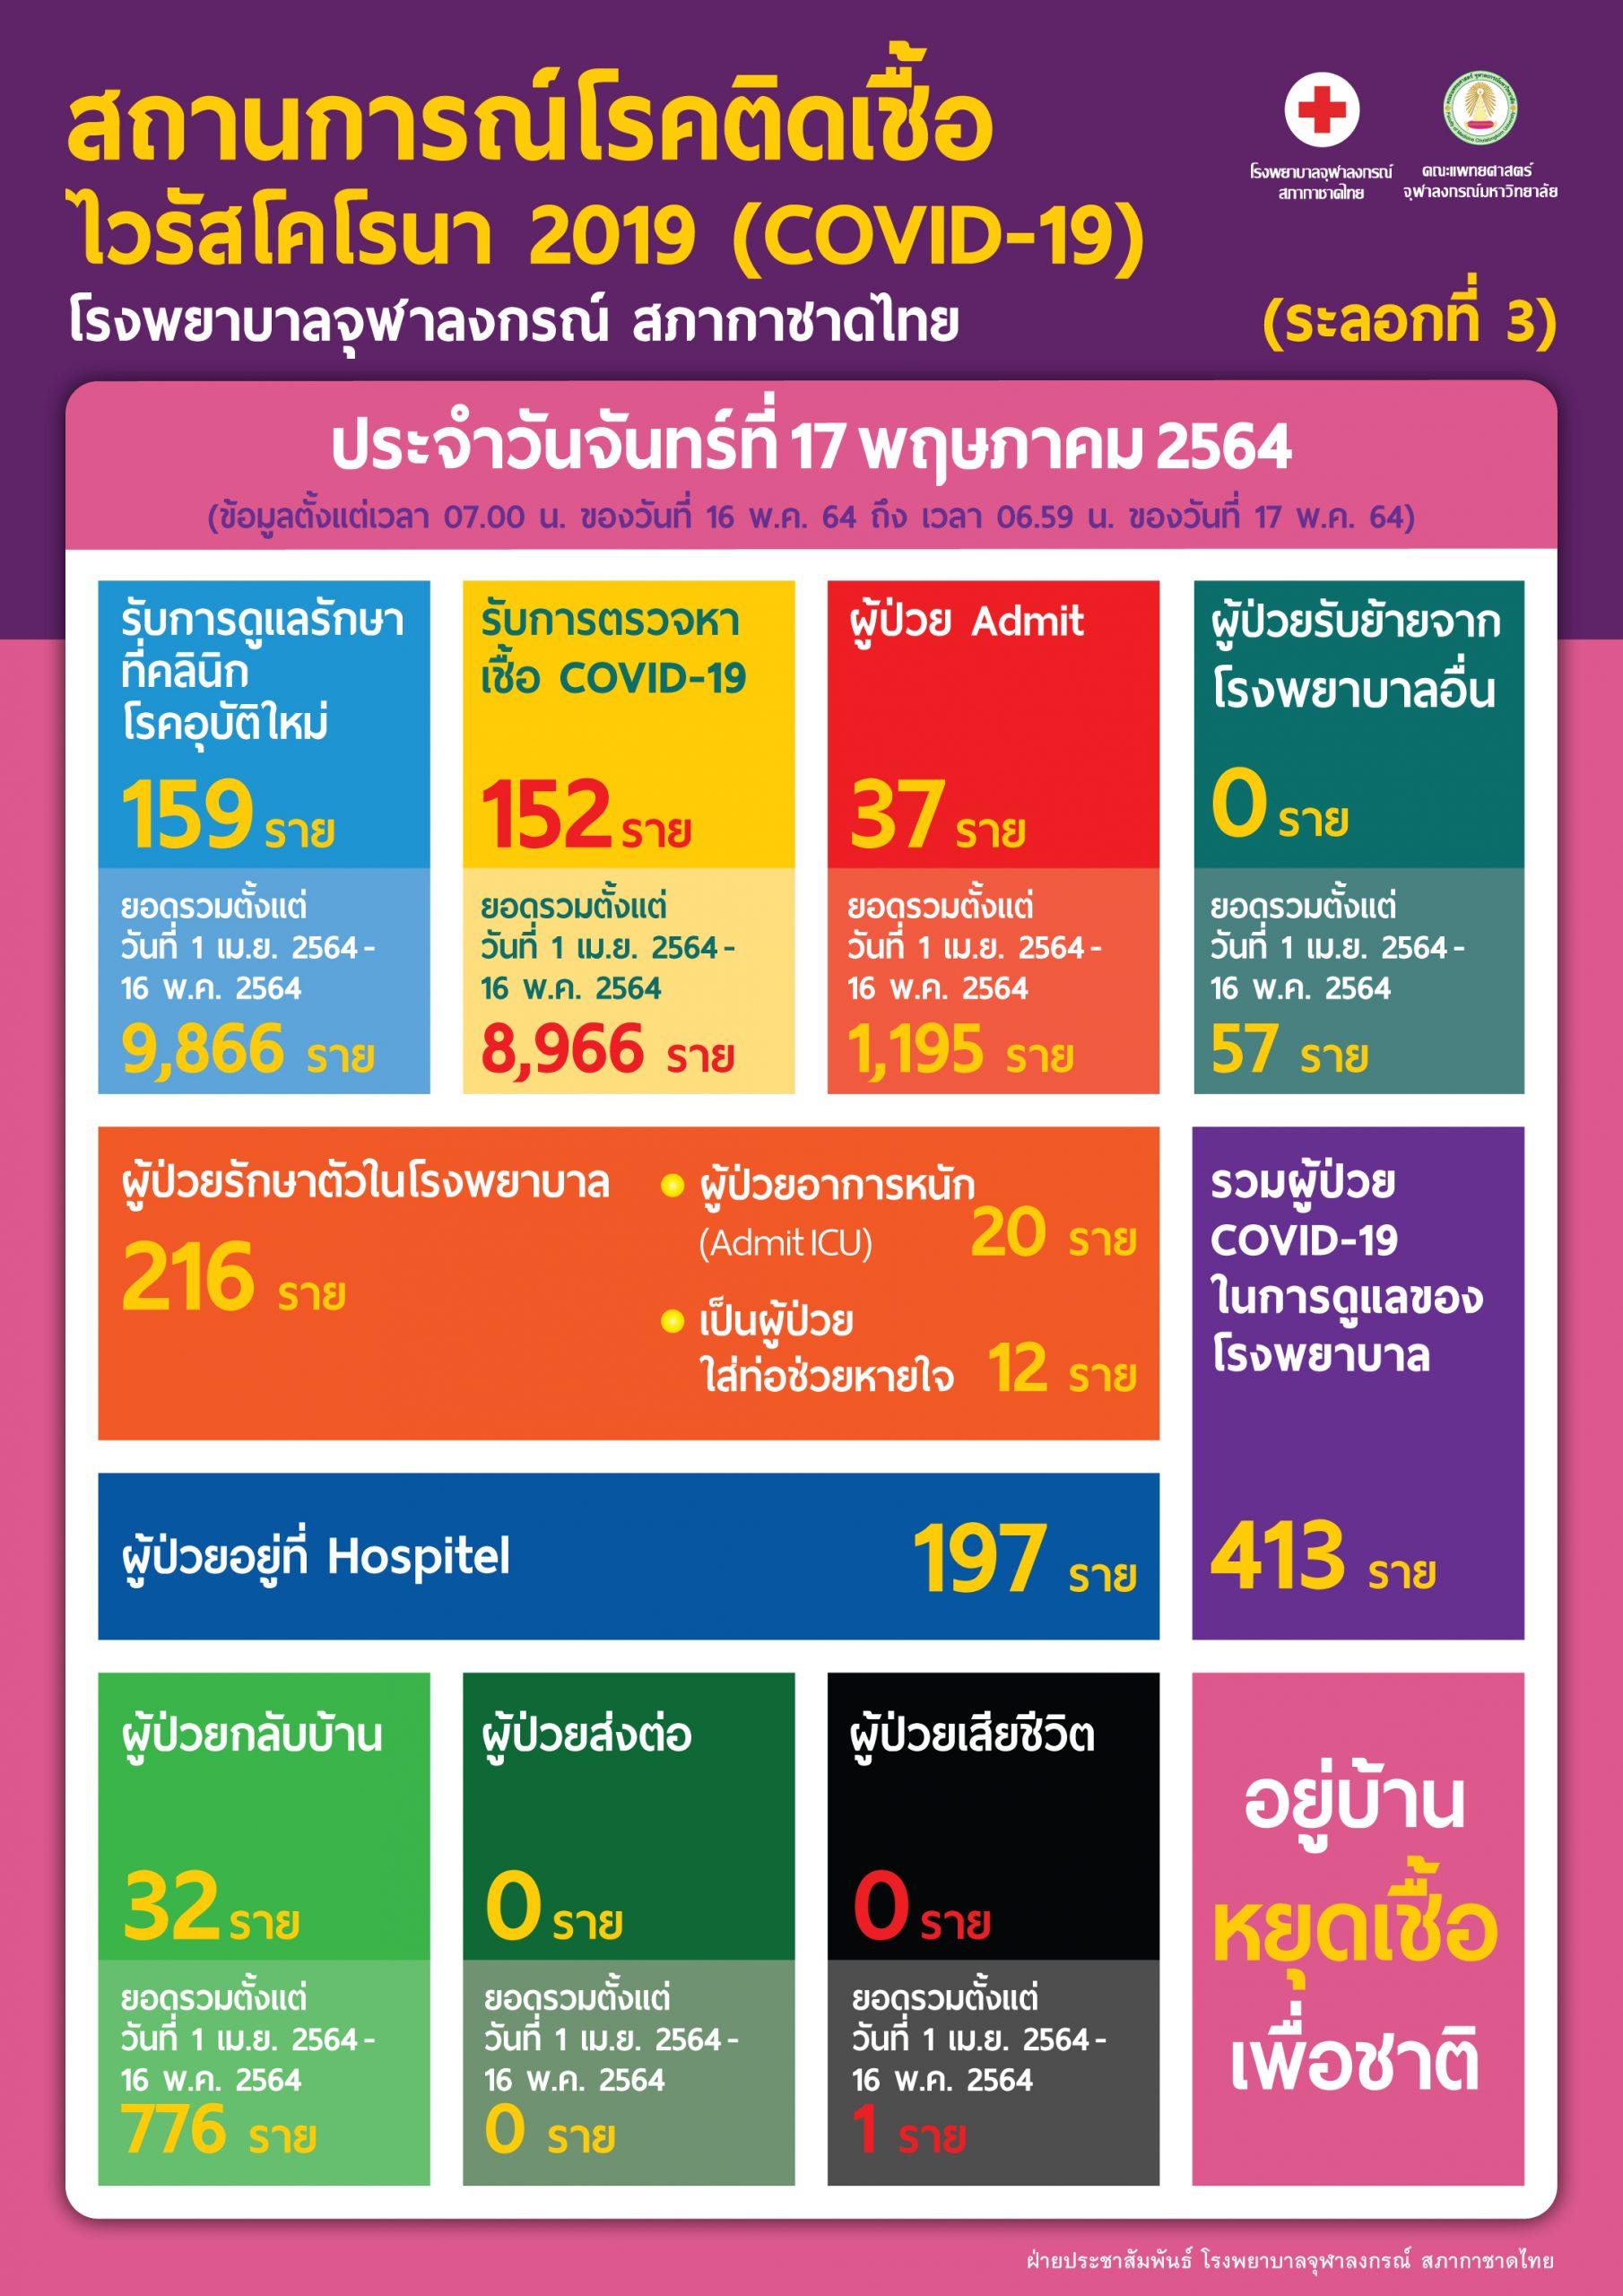 สถานการณ์โรคติดเชื้อไวรัสโคโรนา 2019 (COVID-19)  โรงพยาบาลจุฬาลงกรณ์ สภากาชาดไทย (ระลอกที่ 3) ประจำวันจันทร์ที่ 17 พฤษภาคม 2564